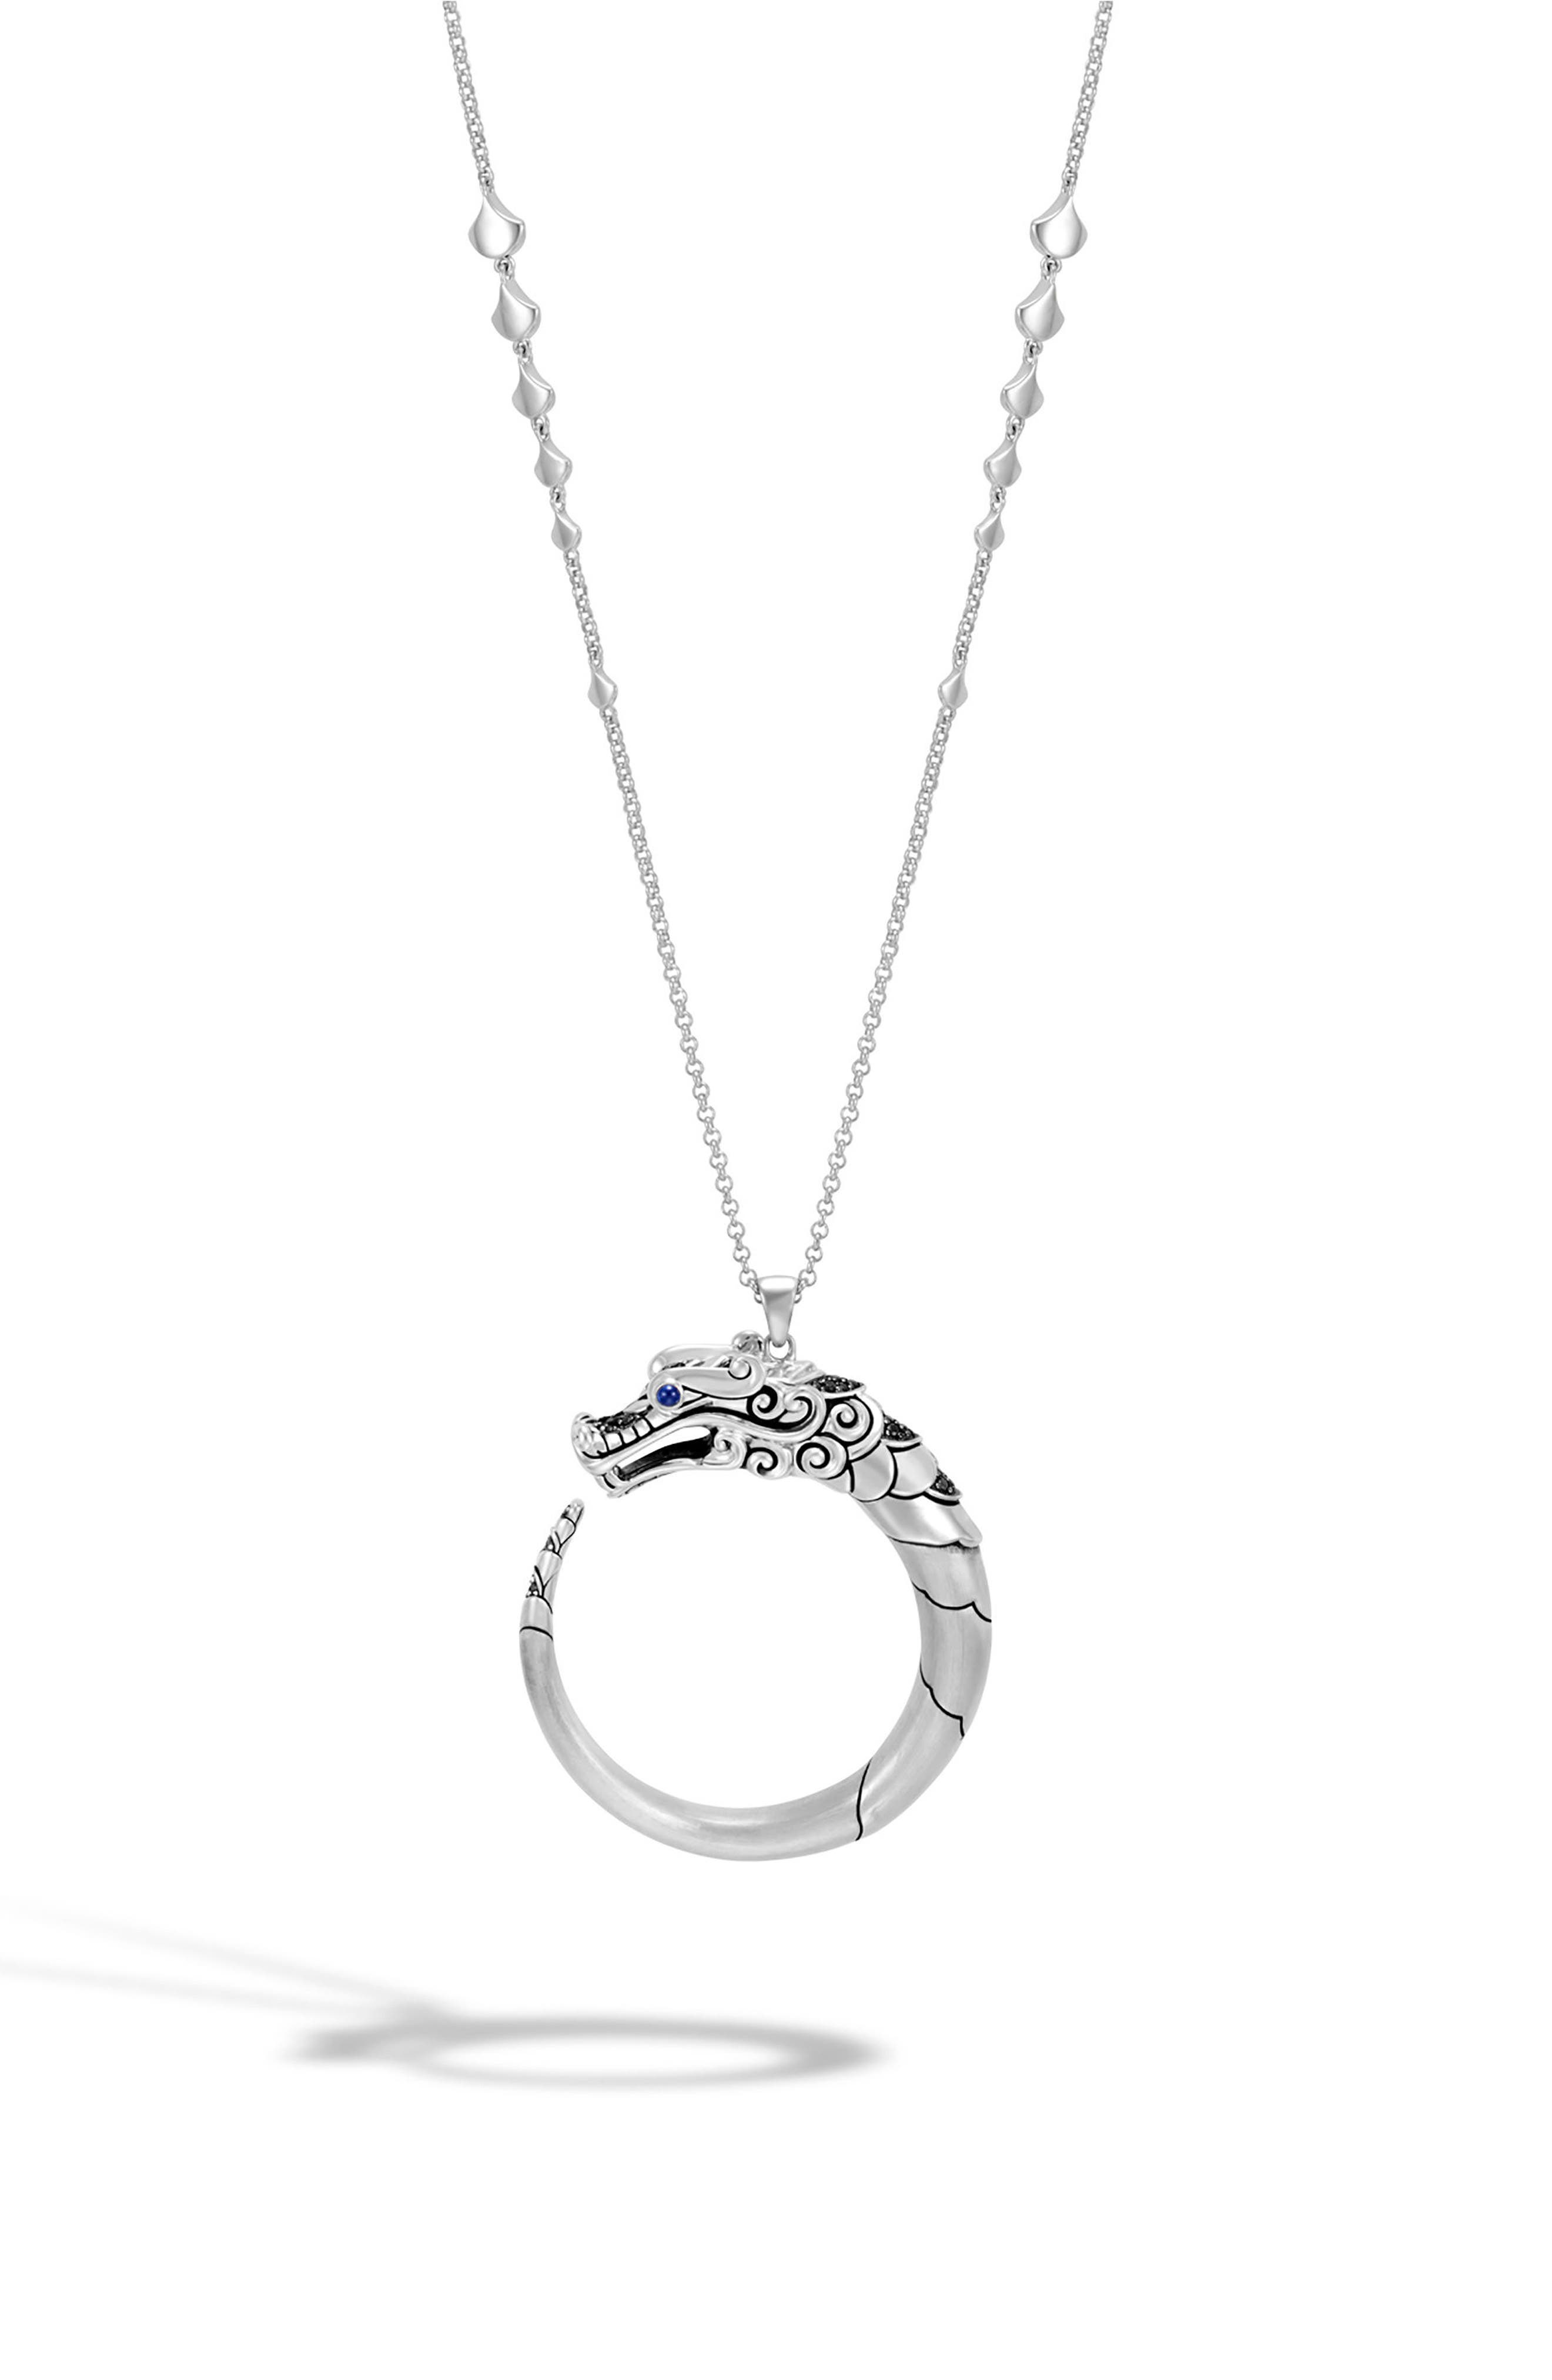 Legends Naga Pendant Necklace,                         Main,                         color, Silver/ Black/ Blue Sapphire